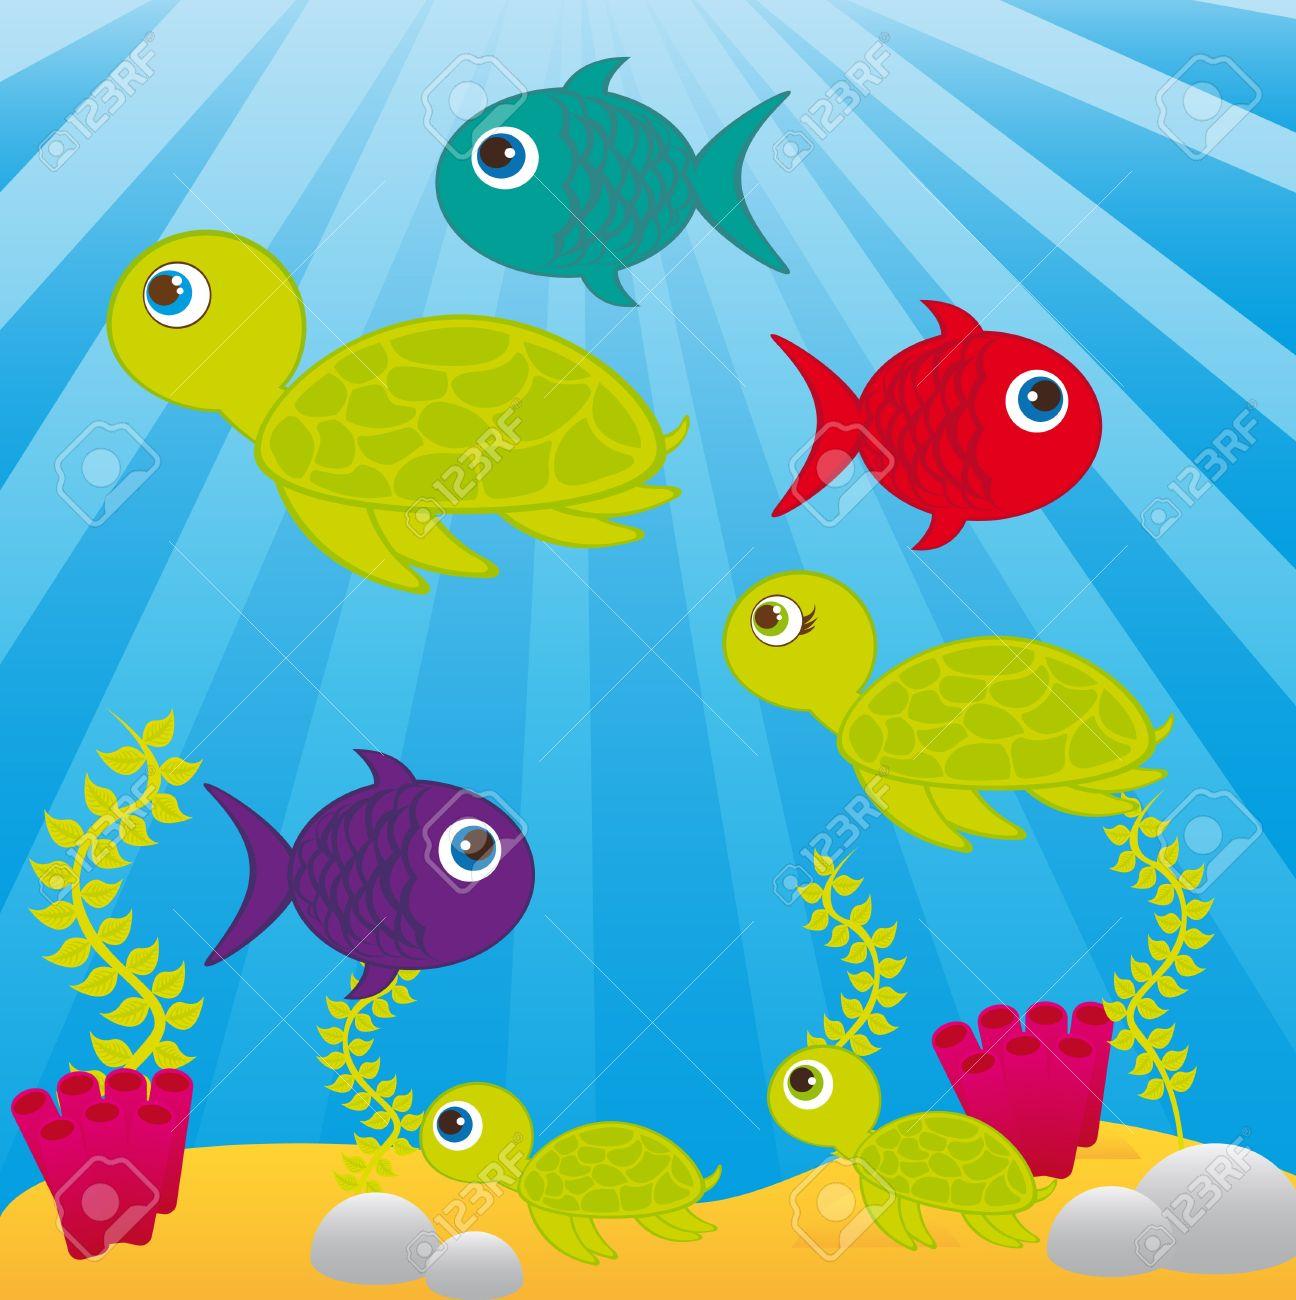 Dibujos Animados Fondo Del Mar Dibujos Animados Del Mar Con